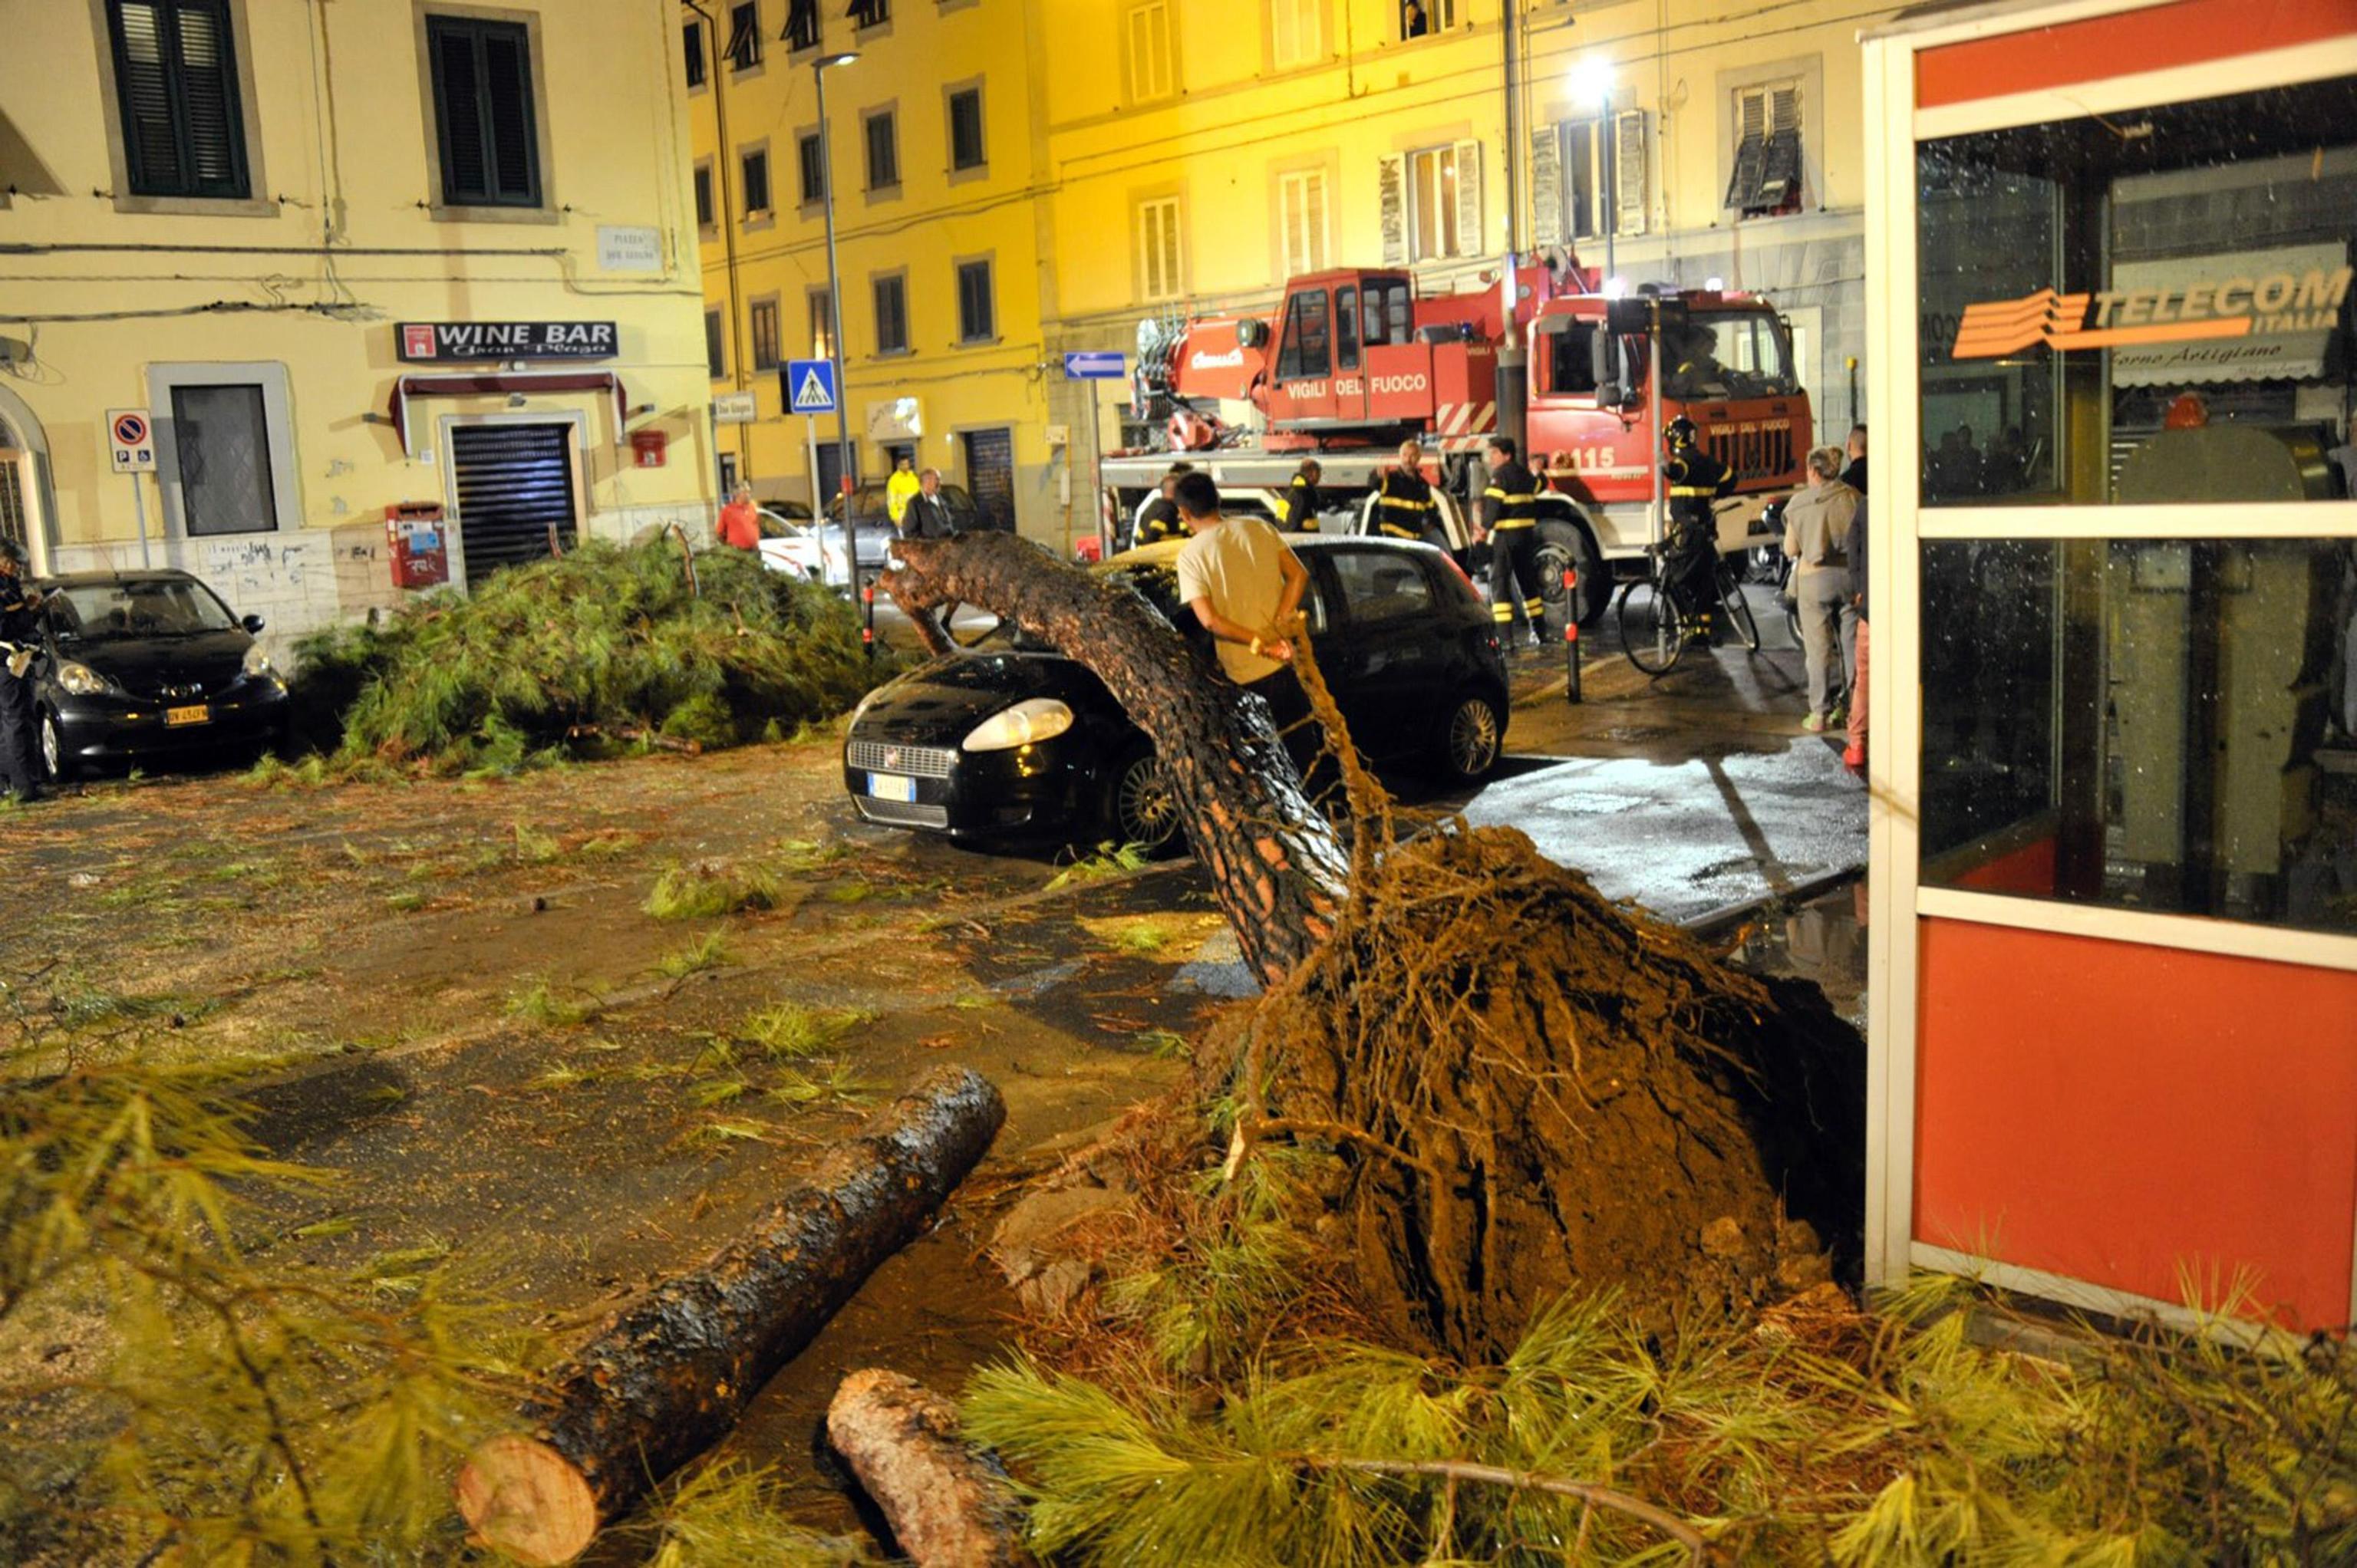 Rischio idrogeologico in Italia, la mappa delle criticità nella penisola